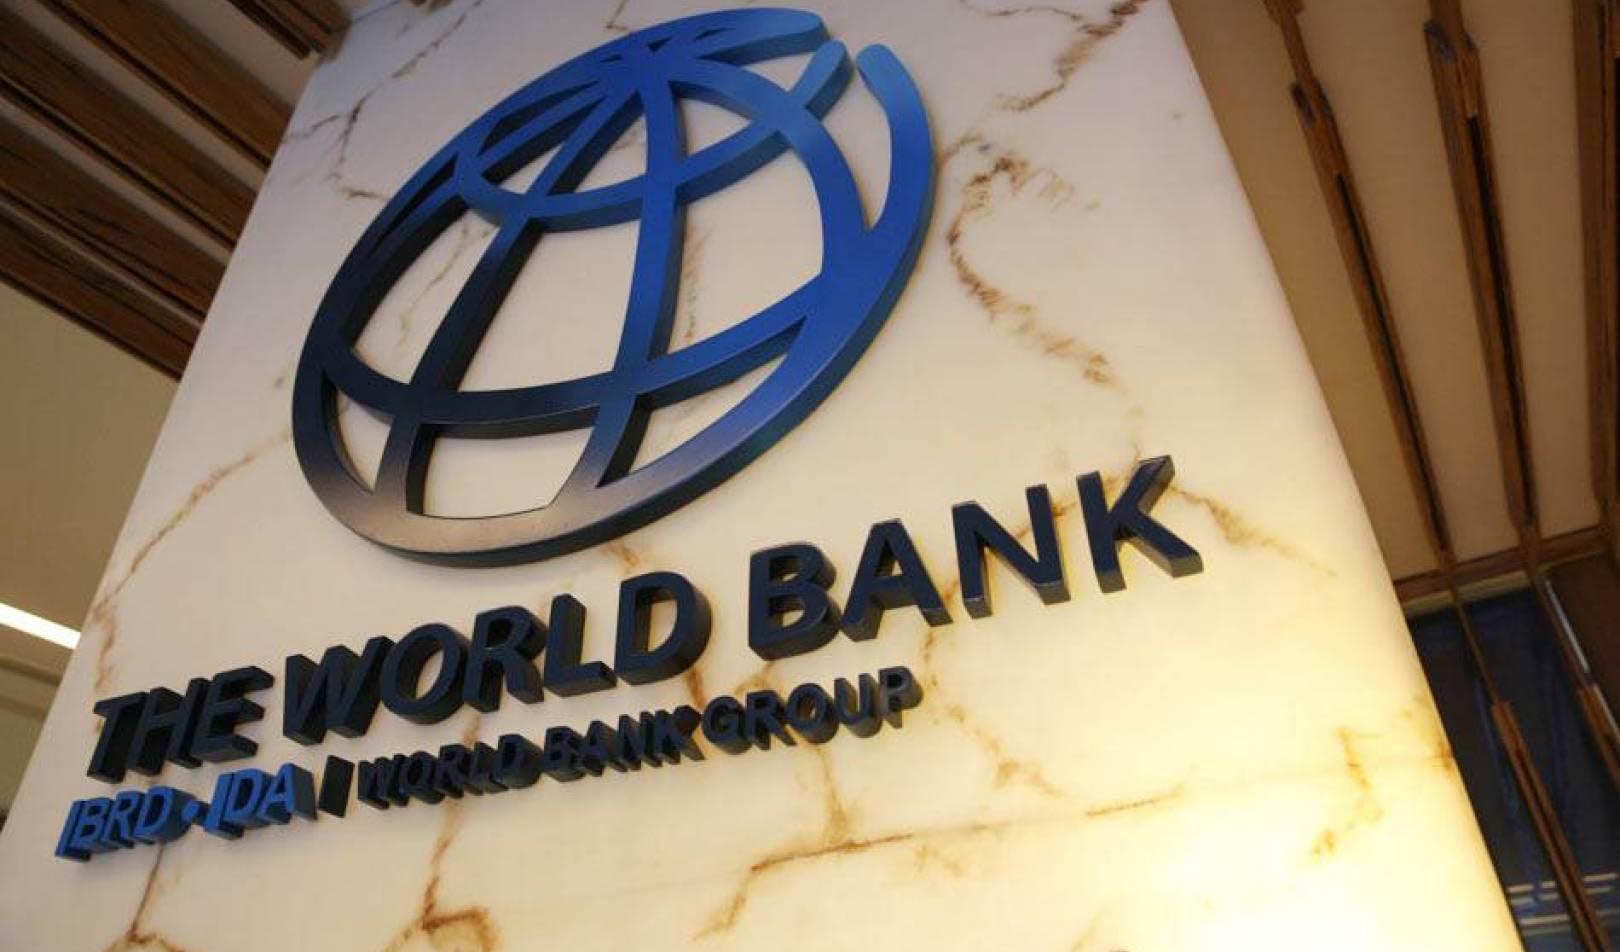 بهبود شاخص های کلان اقتصاد ایران در سال ۱۴۰۰ بر اساس پیش بینی جدید بانک جهانی + جدول